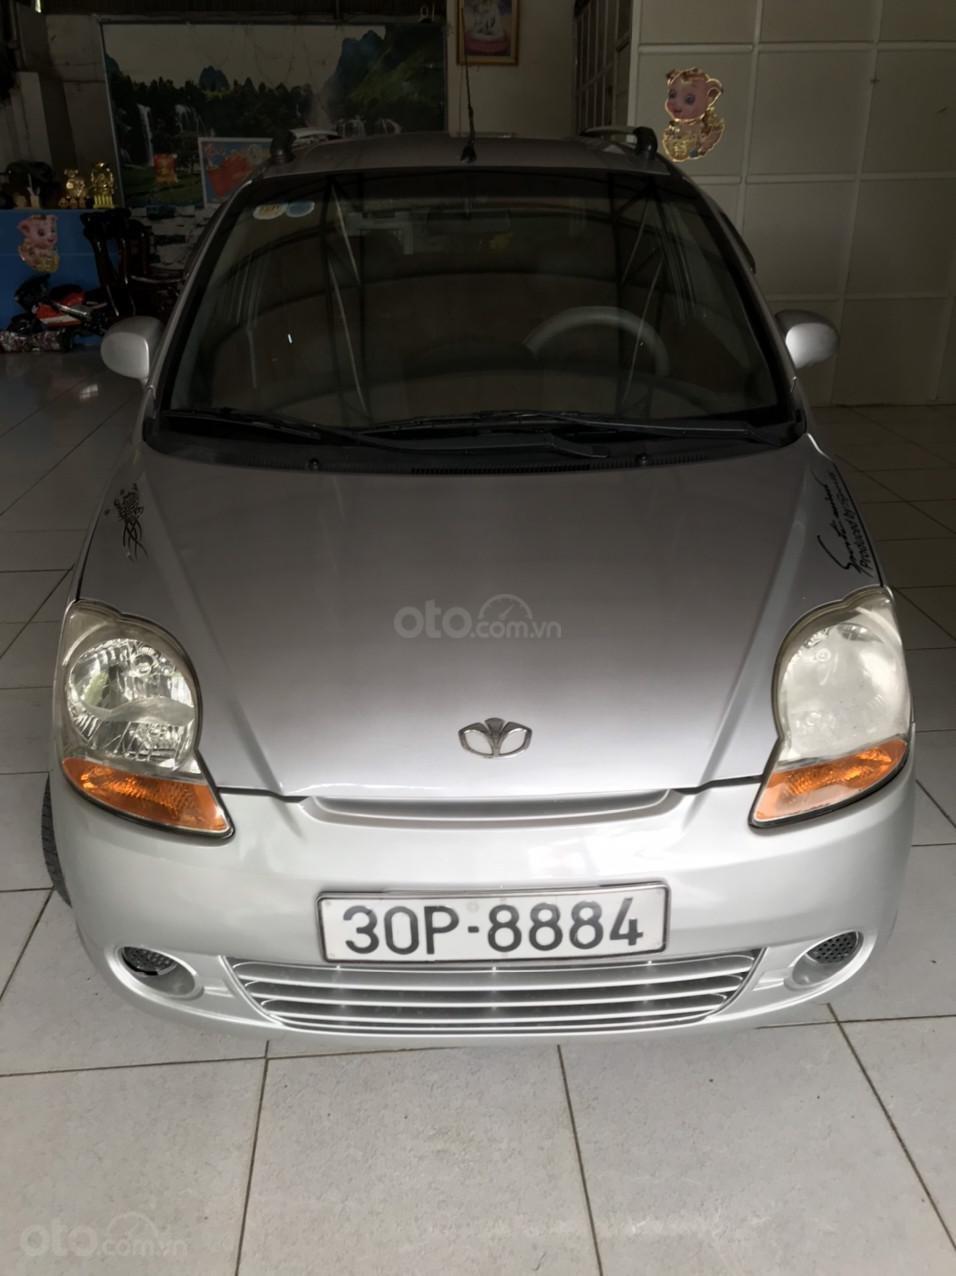 Chính chủ cần bán Daewoo Matiz 2007 màu trắng, giá chỉ 110tr (1)